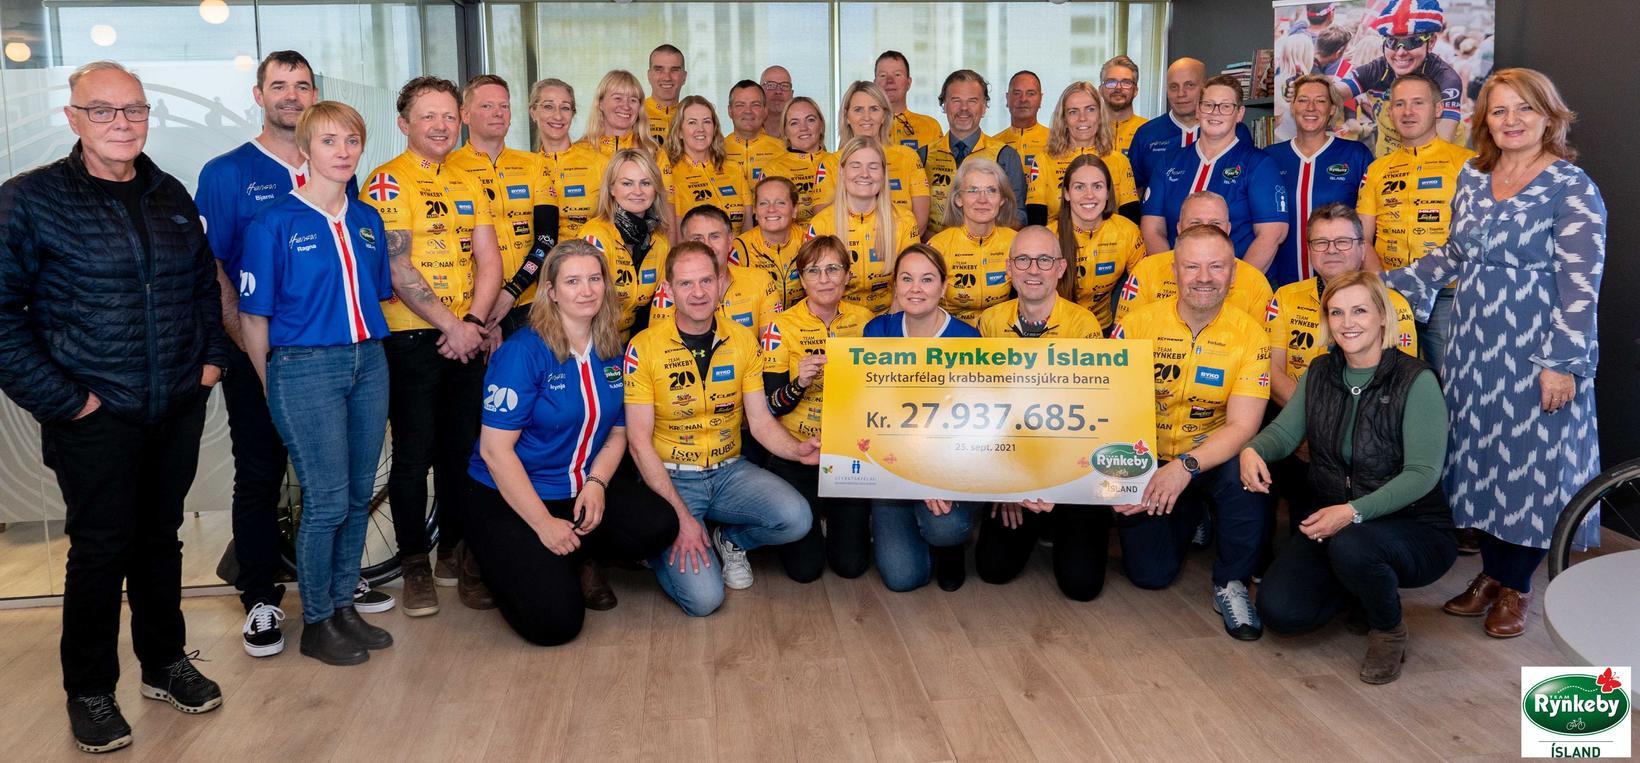 Lið Team Rynkeby Ísland við afhendingu styrks til Styrktarfélags krabbameinssjúkra …